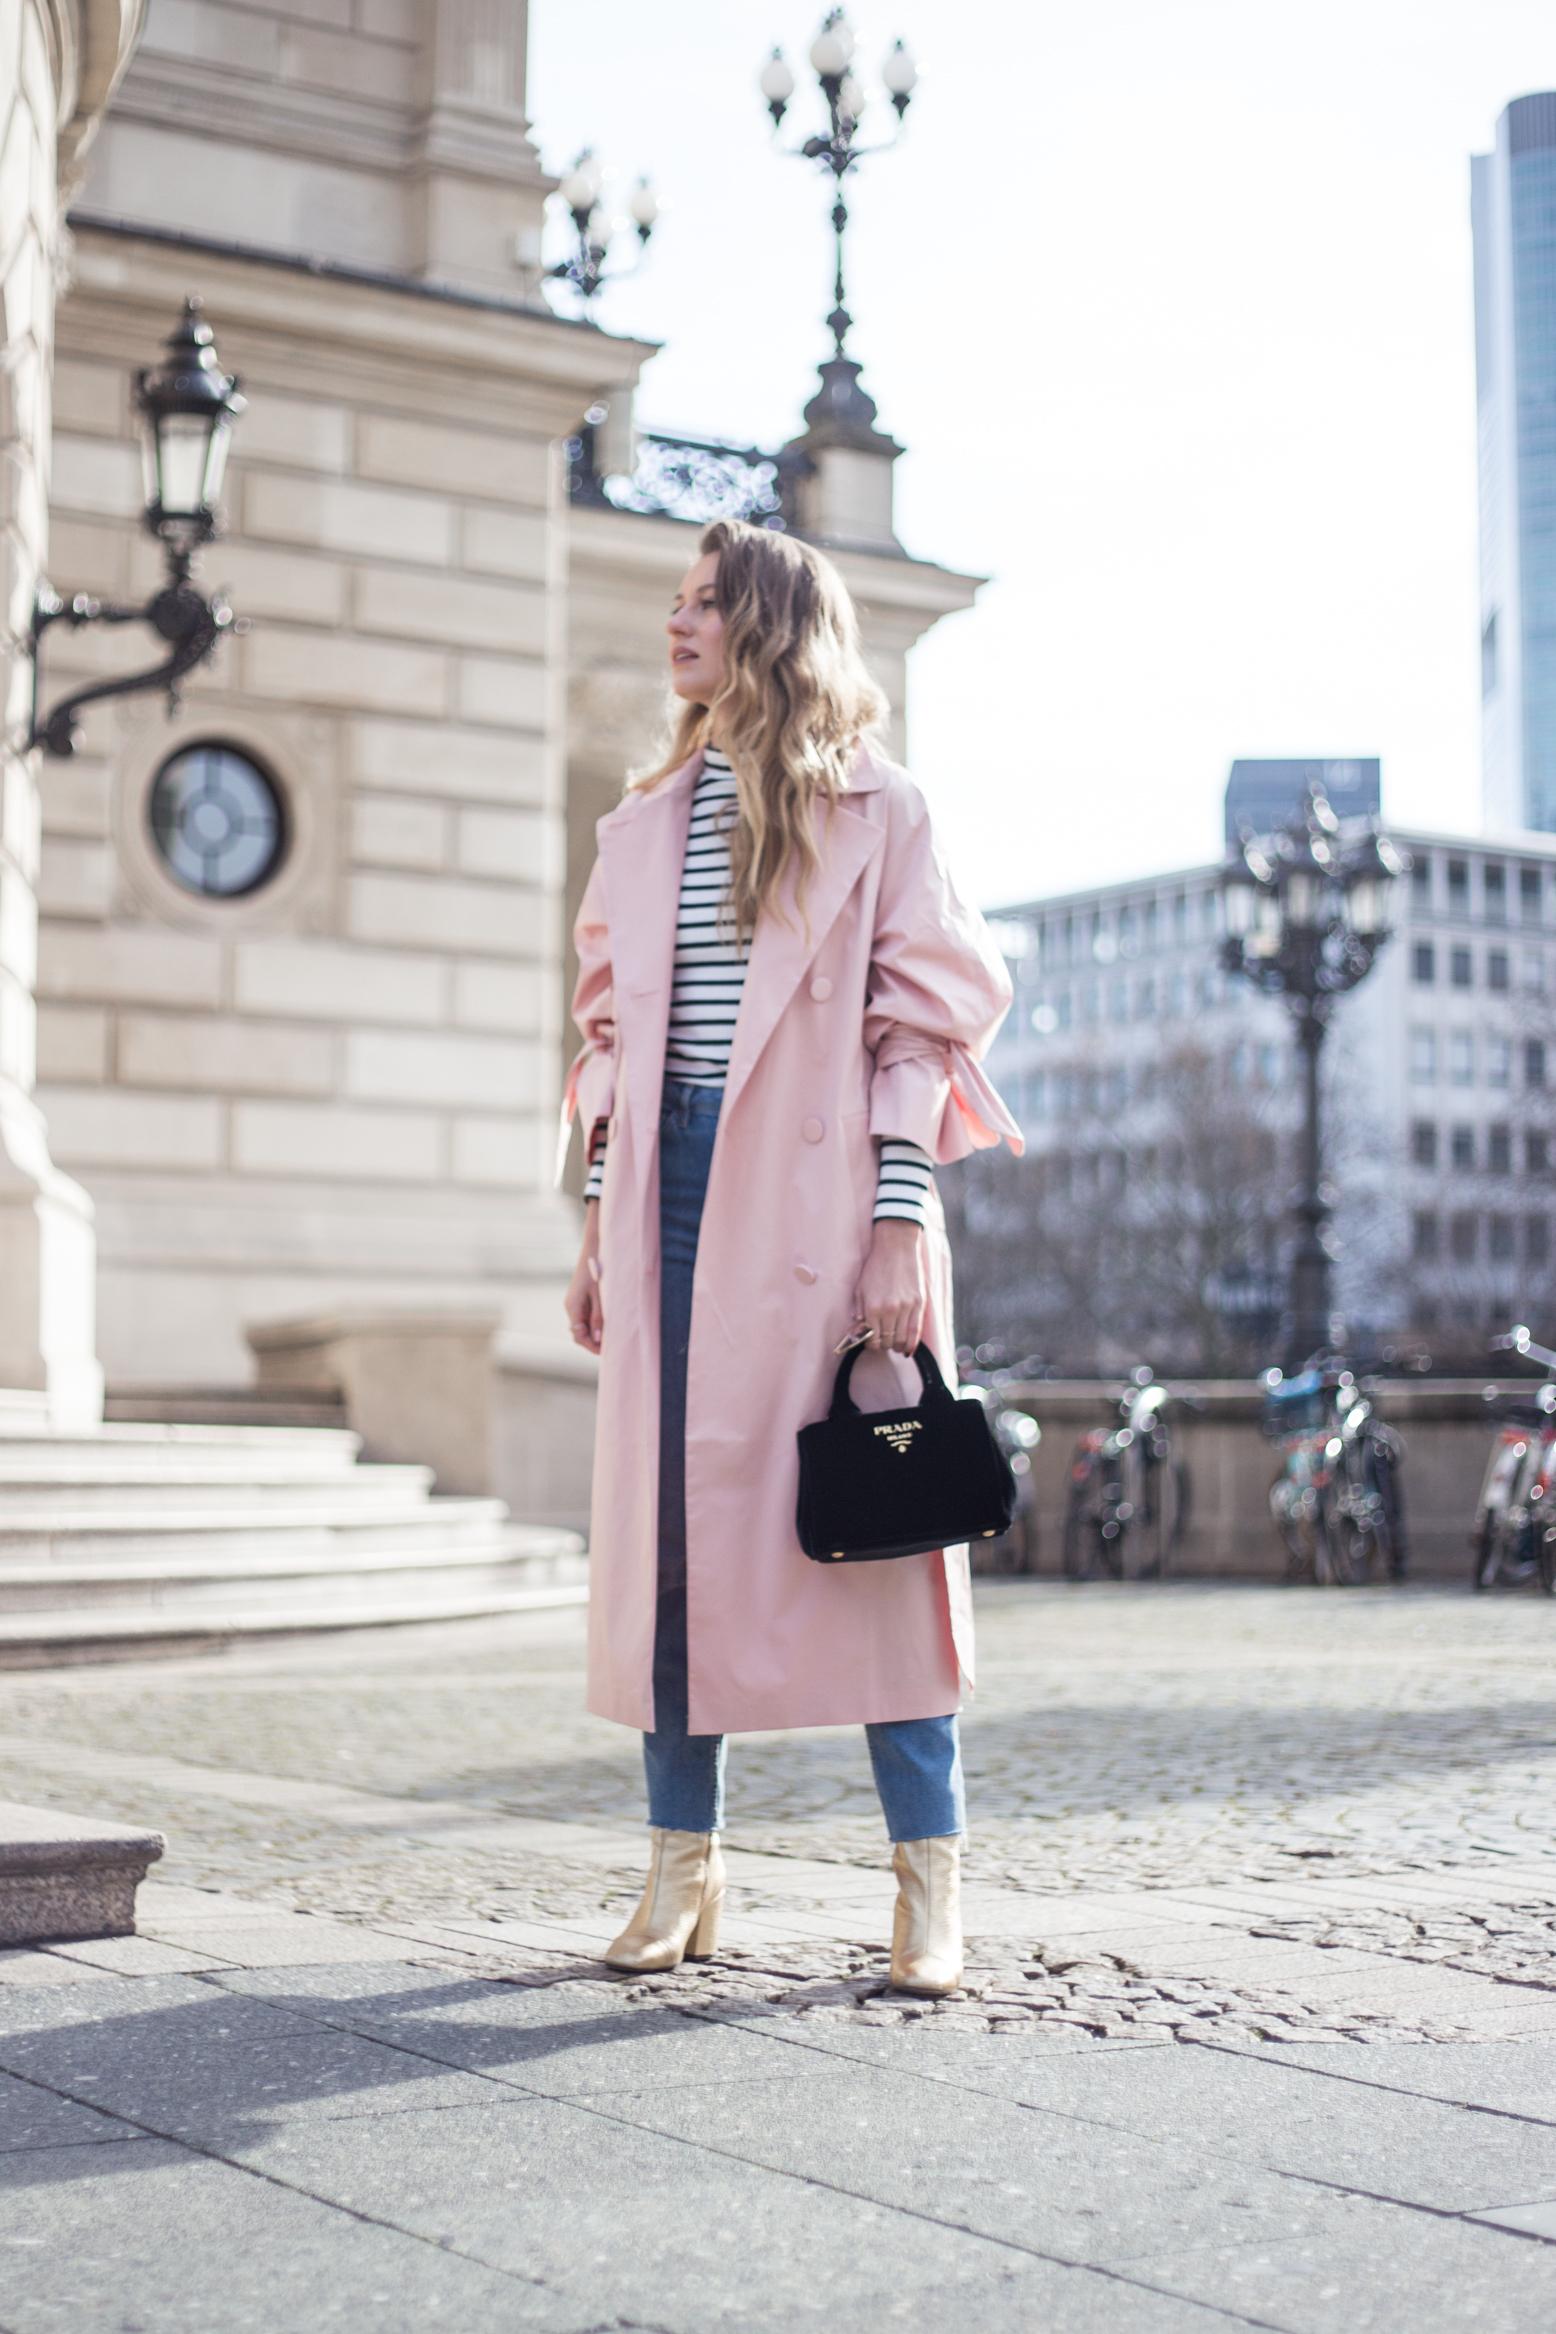 trenchcoat-outfit-prada-bag-velvet-0155